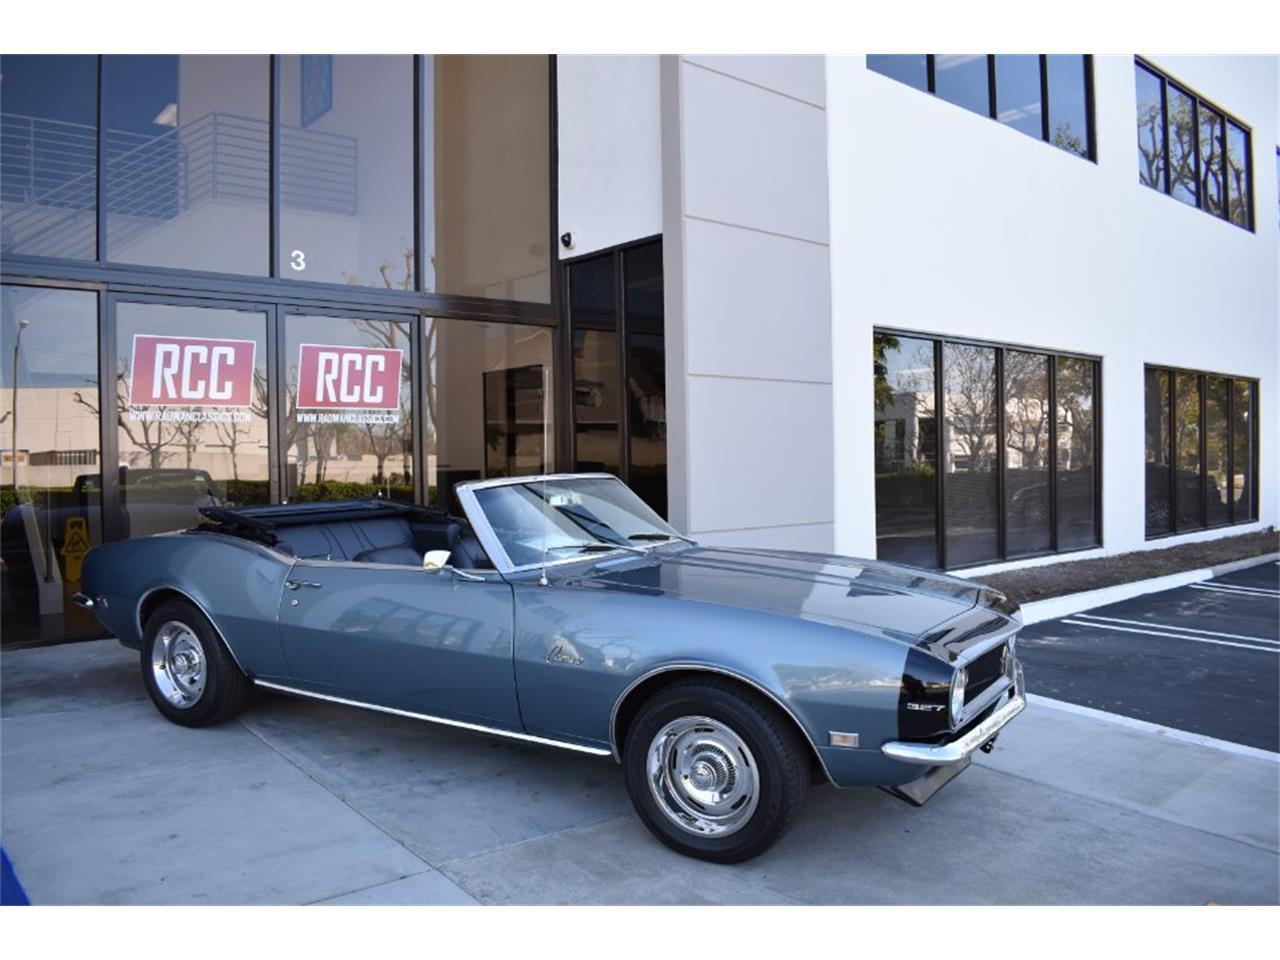 Large Picture of 1968 Camaro located in Irvine California - $47,900.00 - MO9U